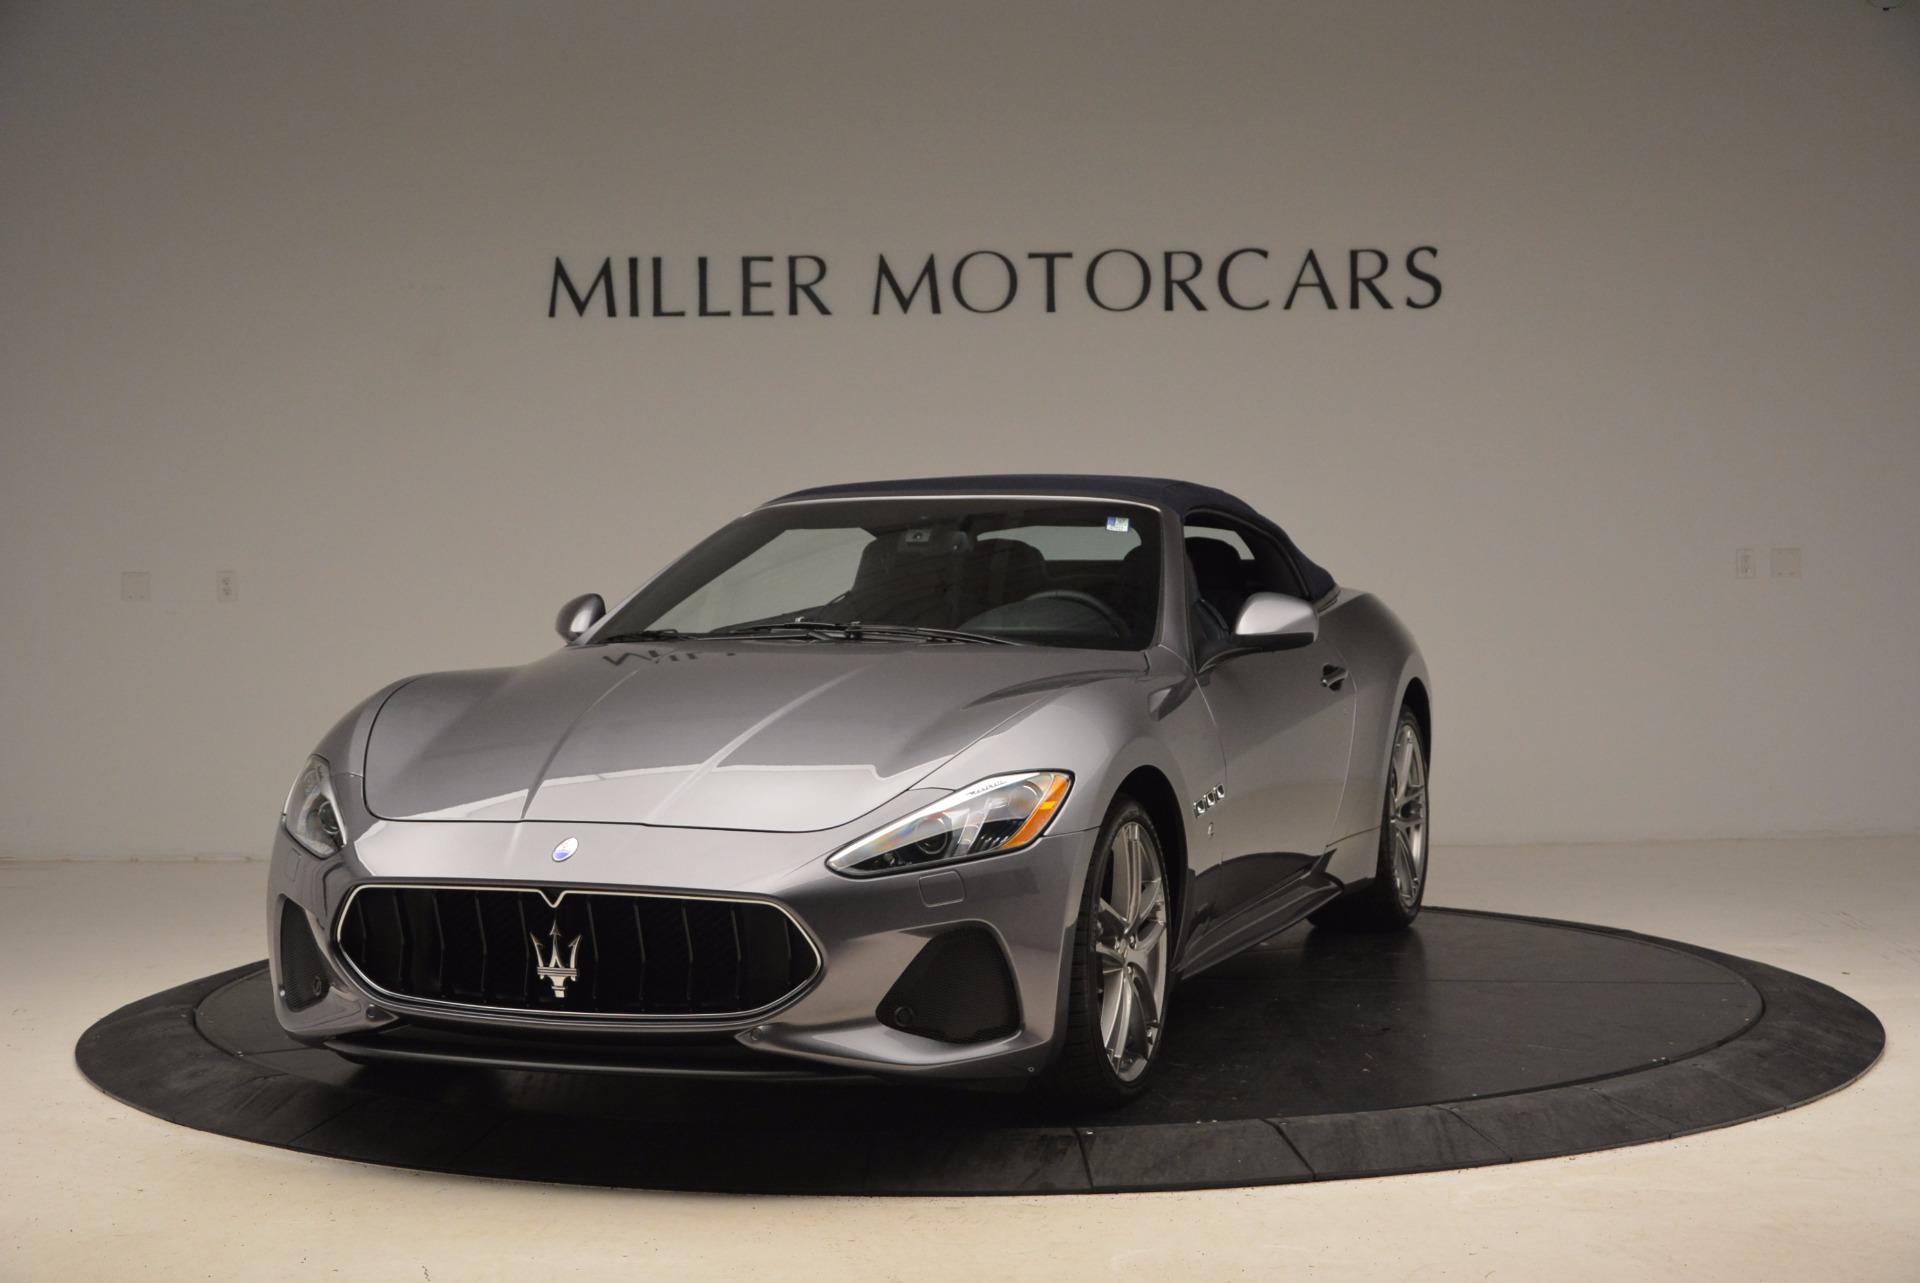 New 2018 Maserati GranTurismo Sport Convertible For Sale In Greenwich, CT 1703_p2